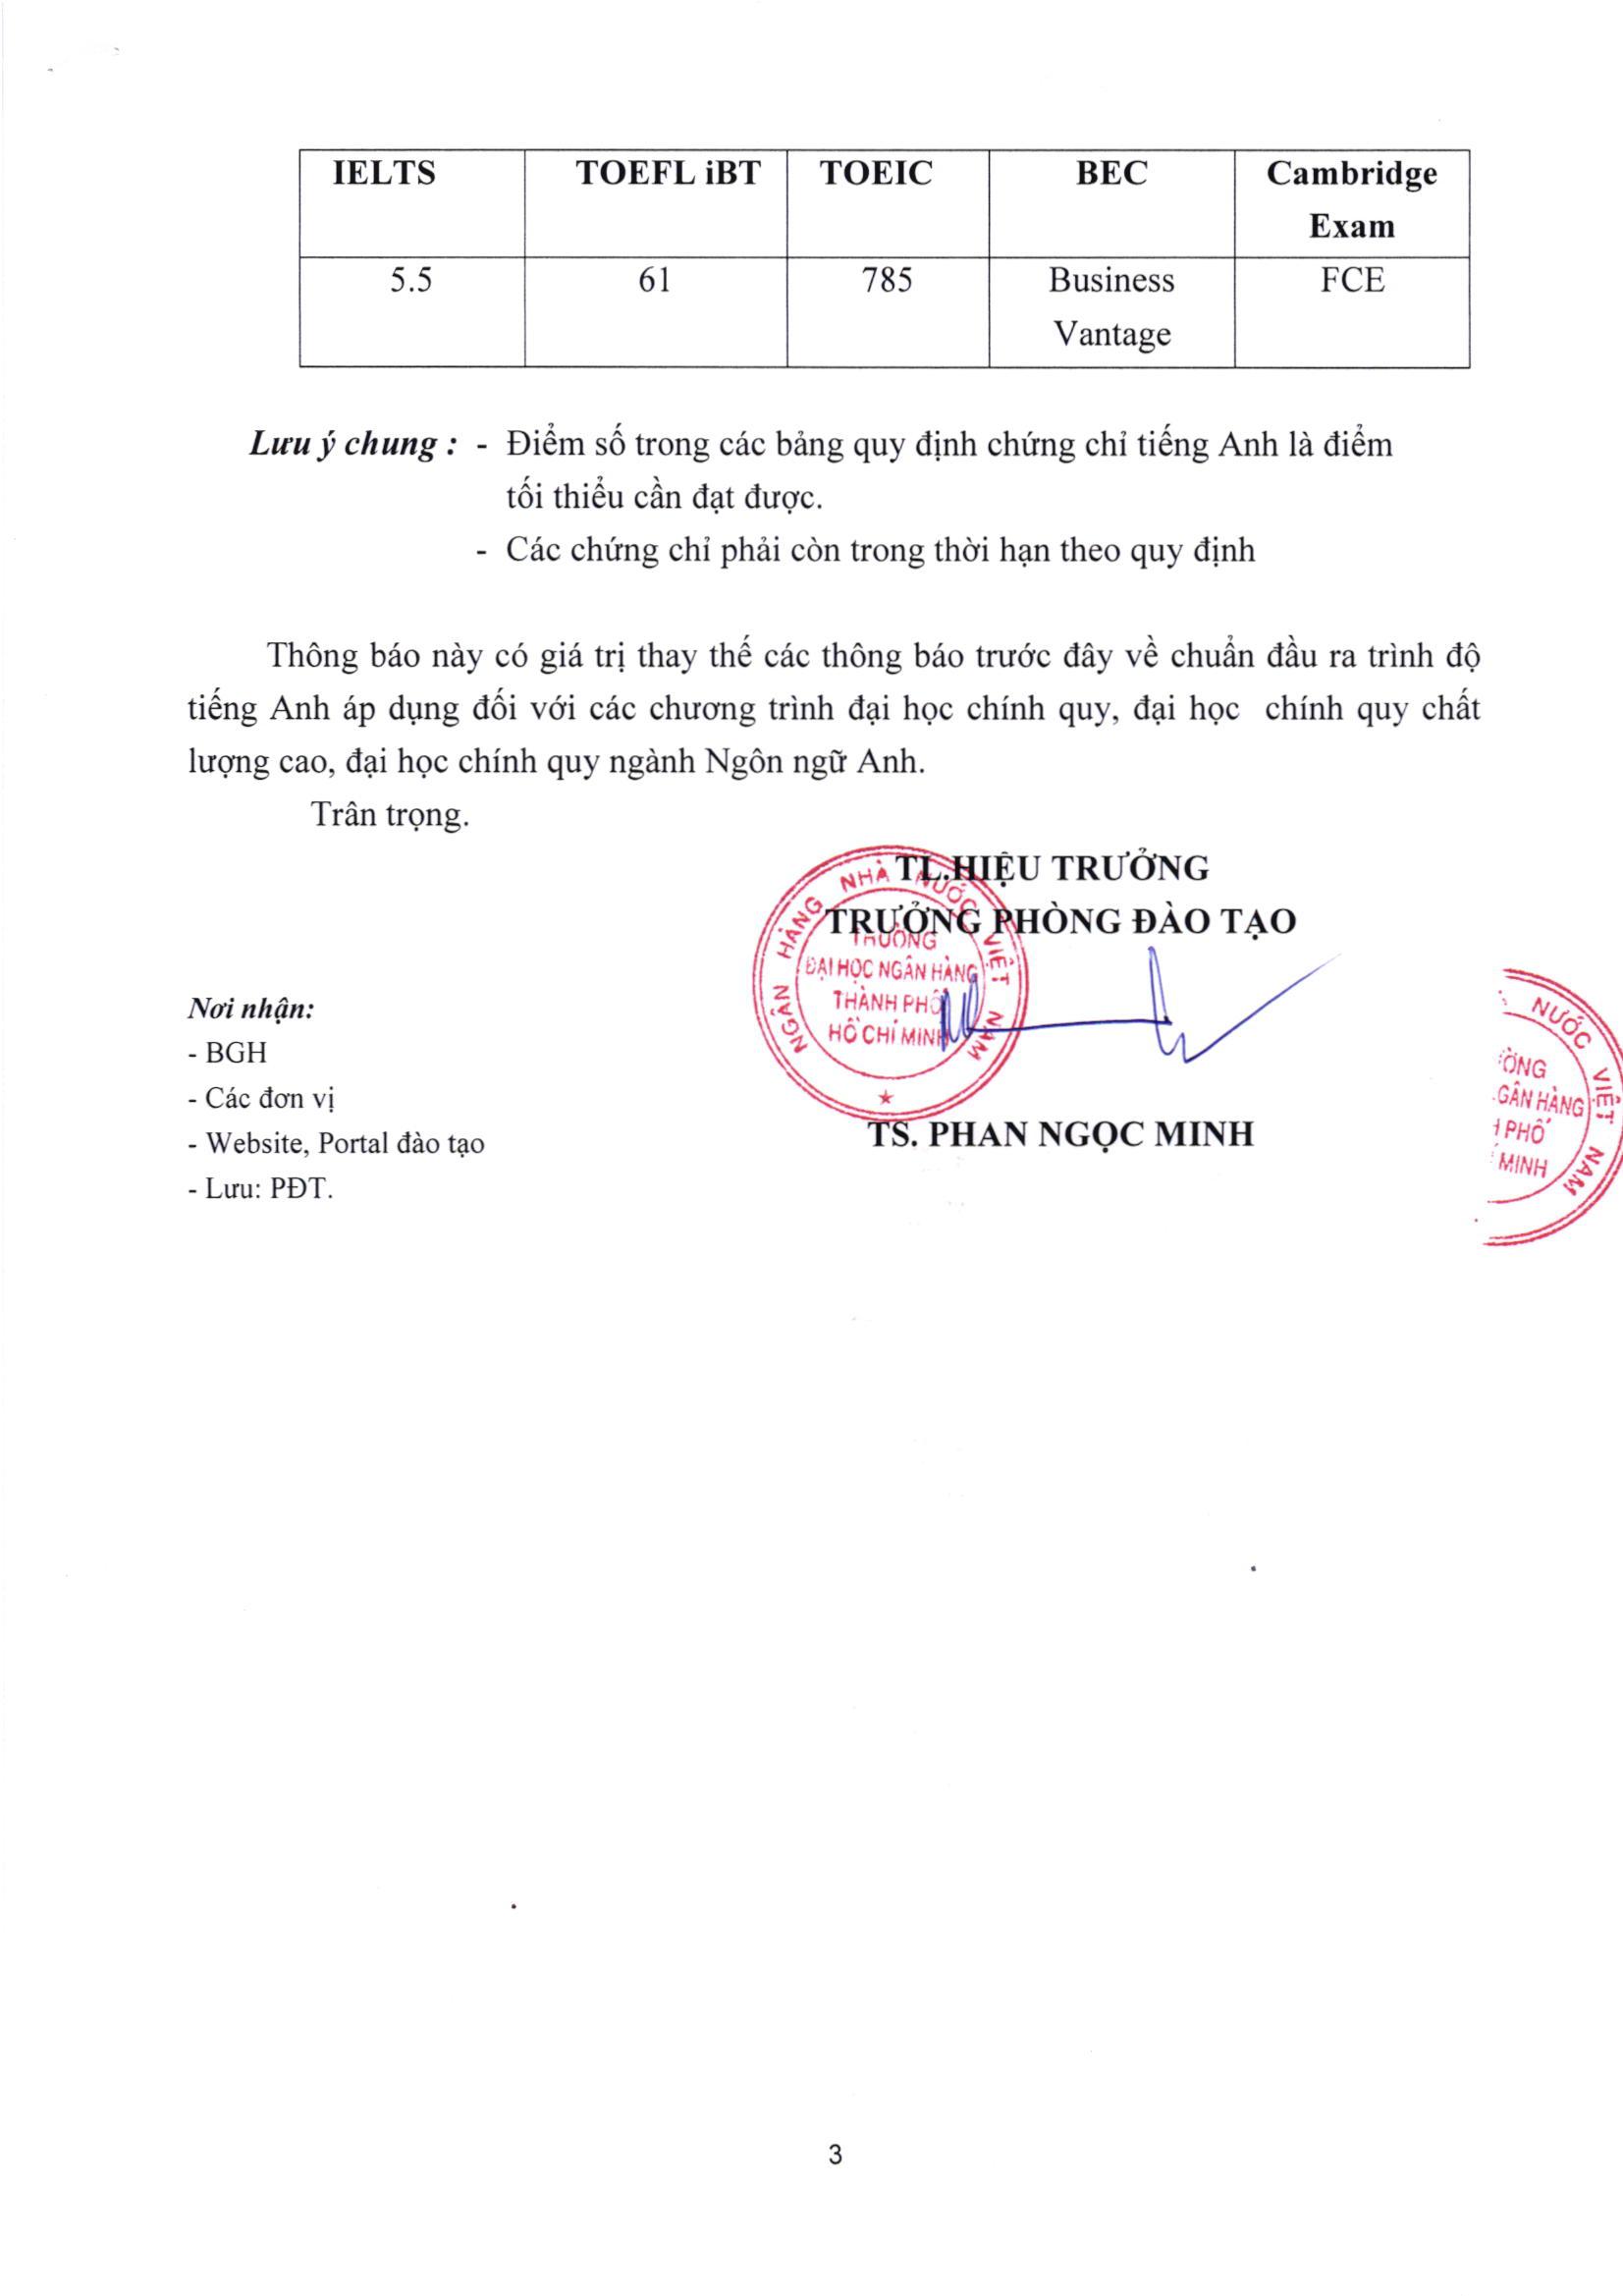 2034.18-Dieu chinh va thuc hien chuan dau ra DHCQ-DHCQ CLC-DHCQ Ngon ngu Anh_Page_3